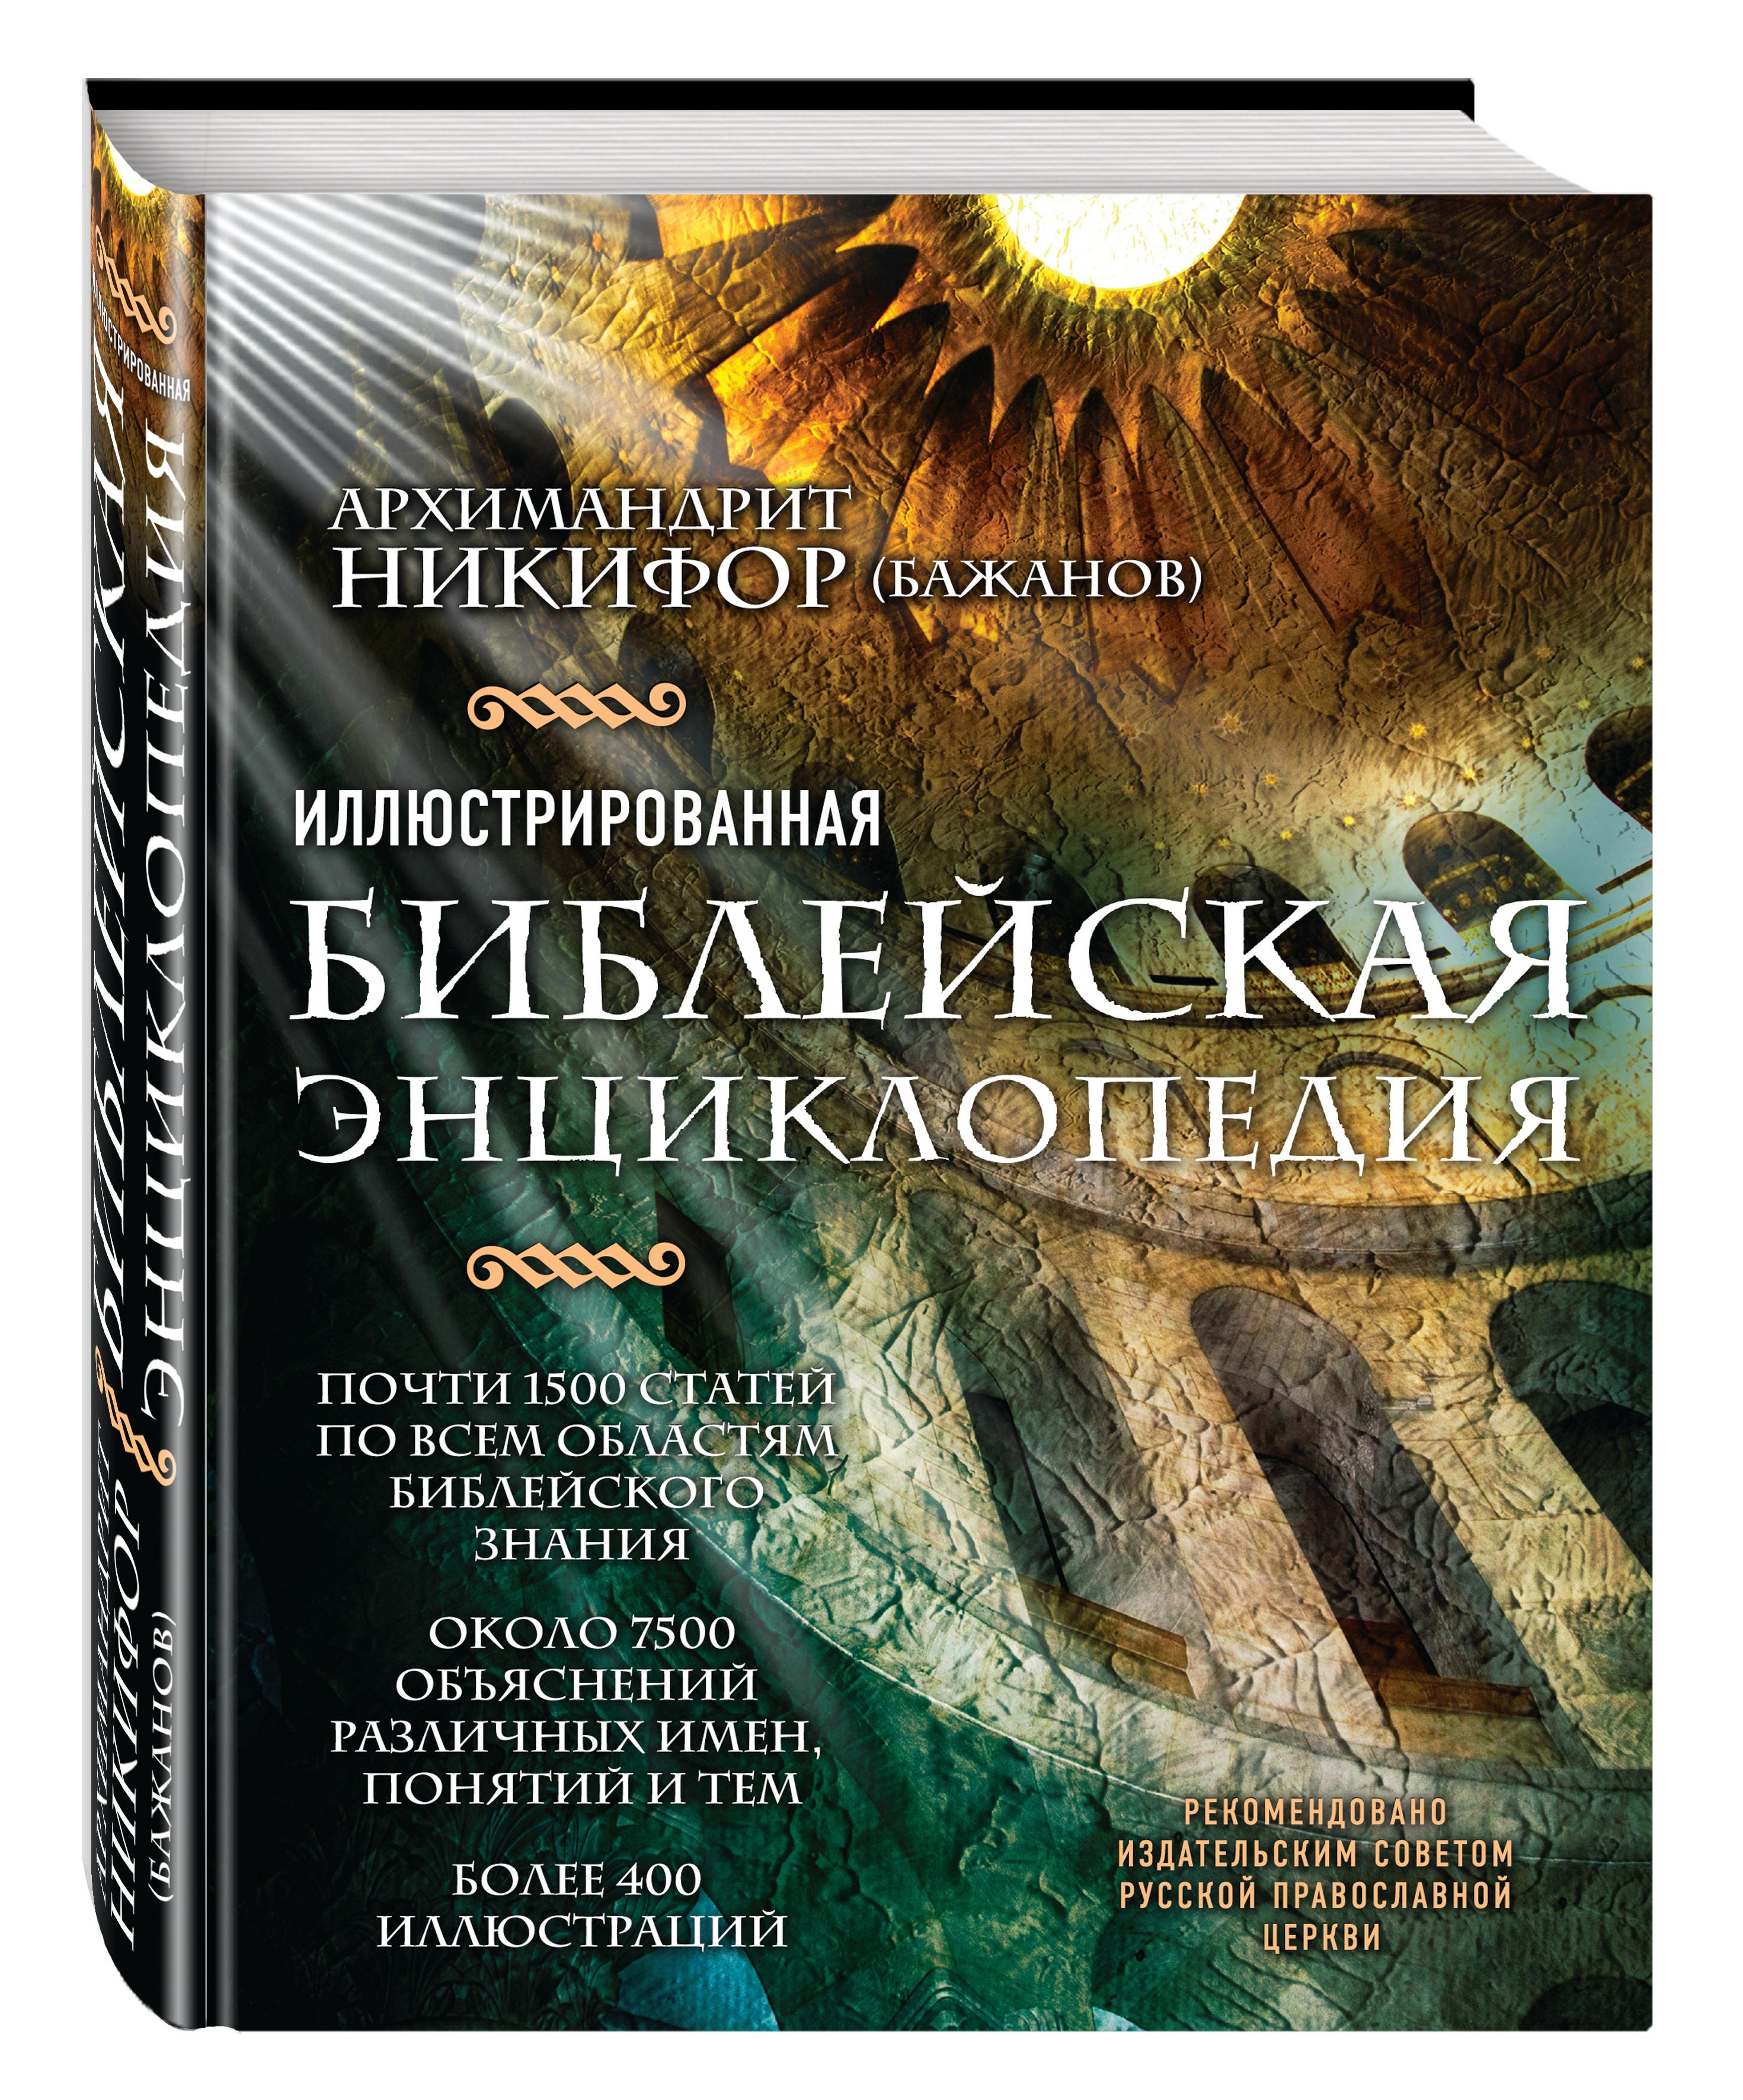 Иллюстрированная библейская энциклопедия архимандрита Никифора популярная библейская энциклопедия